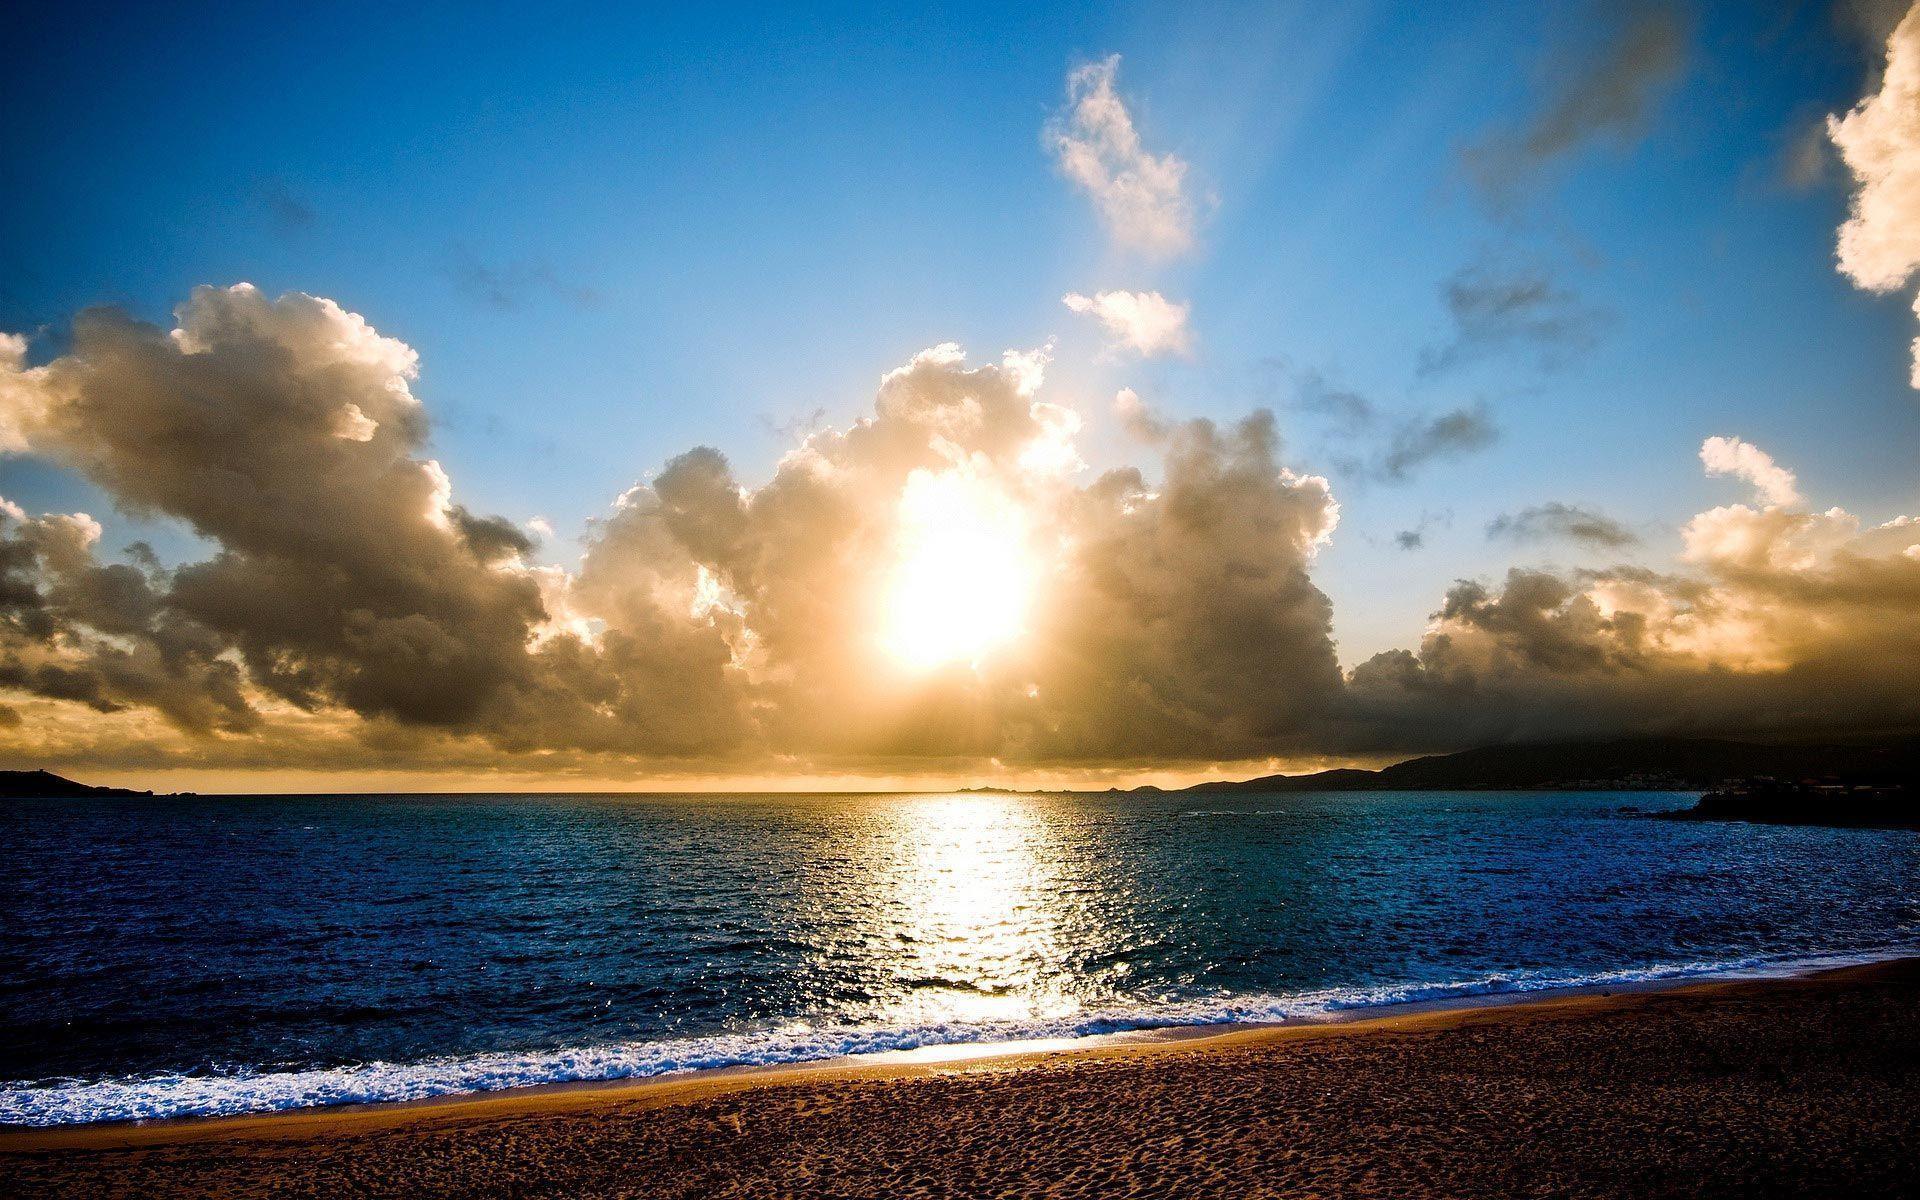 beach sunrise tumblr hd - photo #20